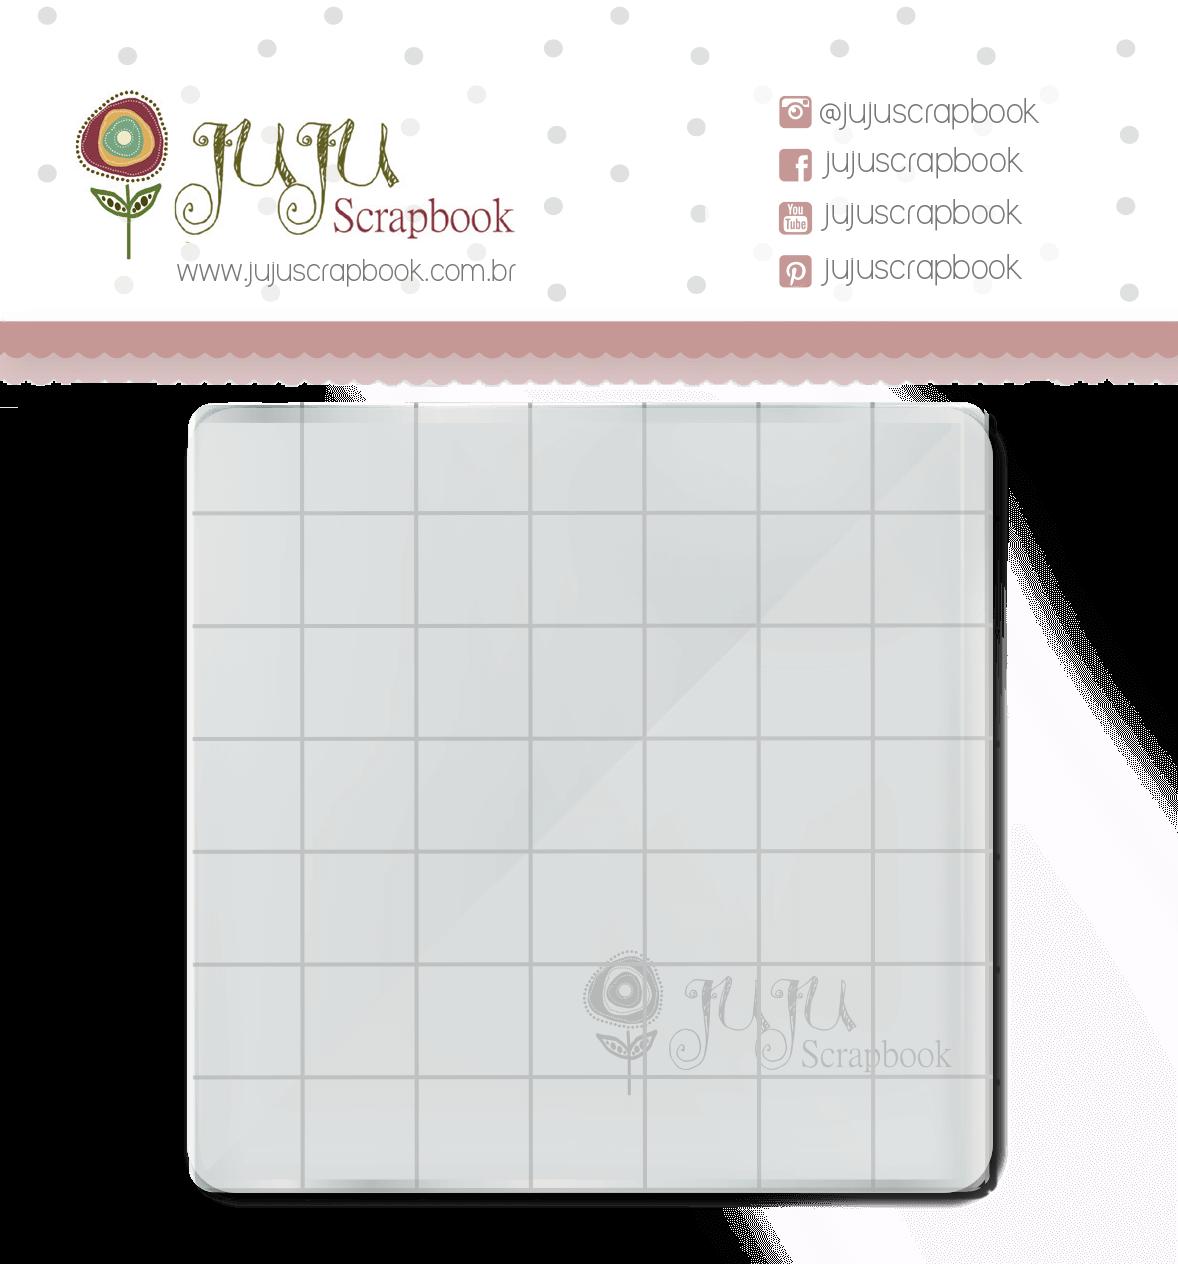 Base Acrílica para Carimbo - 7 cm X 7 cm / JuJu Scrapbook  - JuJu Scrapbook